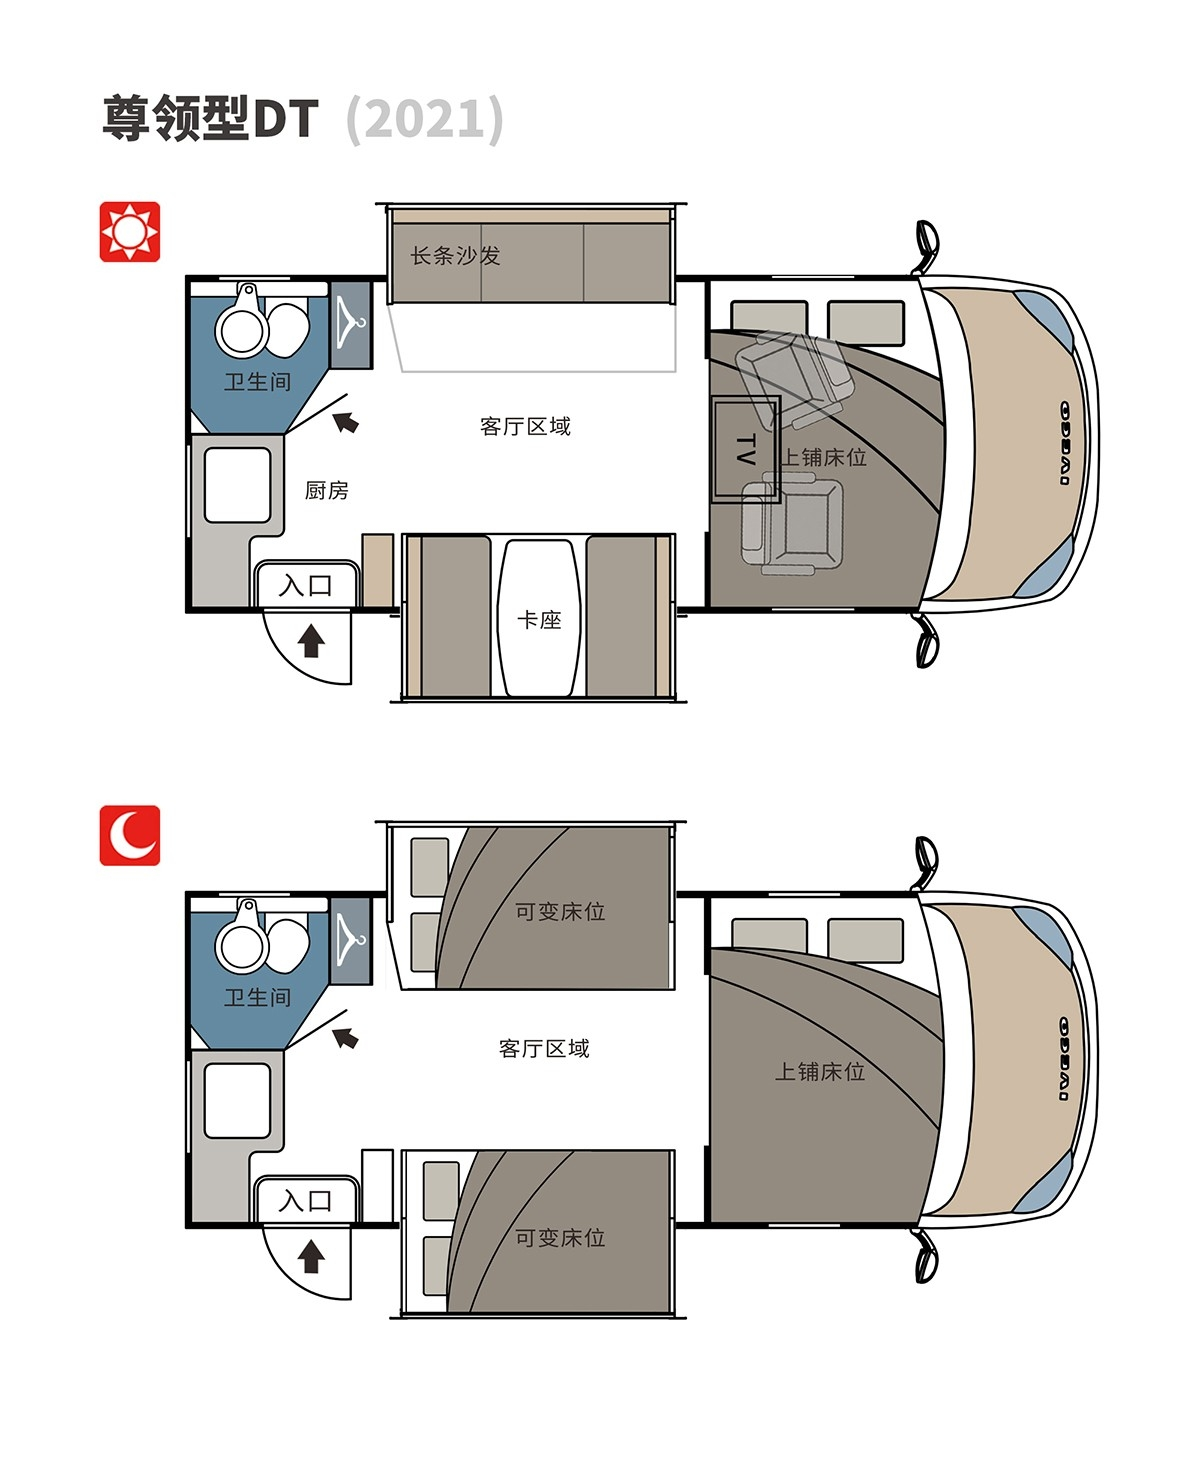 尊领型DT21款平面图.jpg